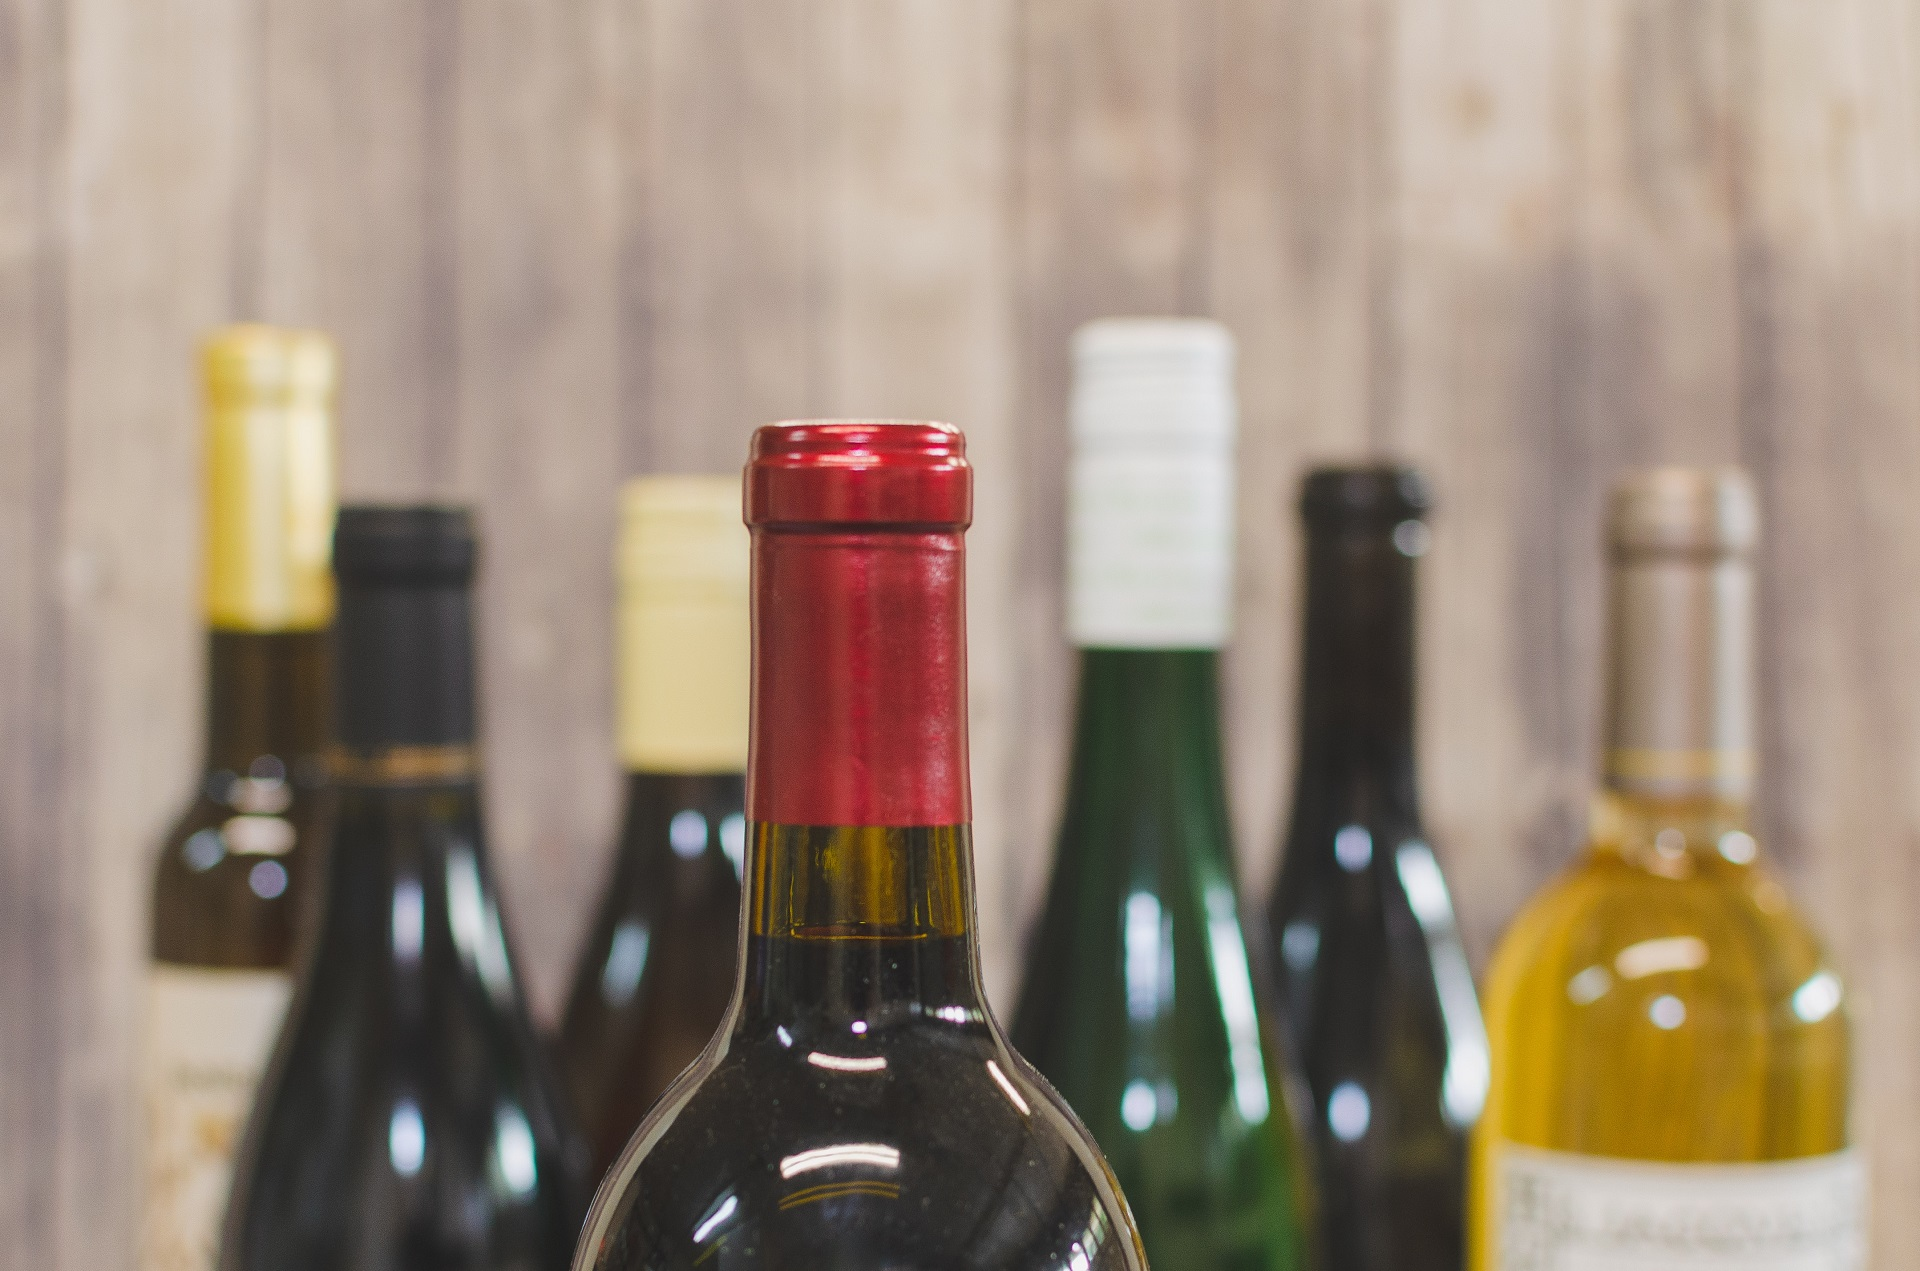 Acheter son vin en ligne : Quels critères prendre en compte ?